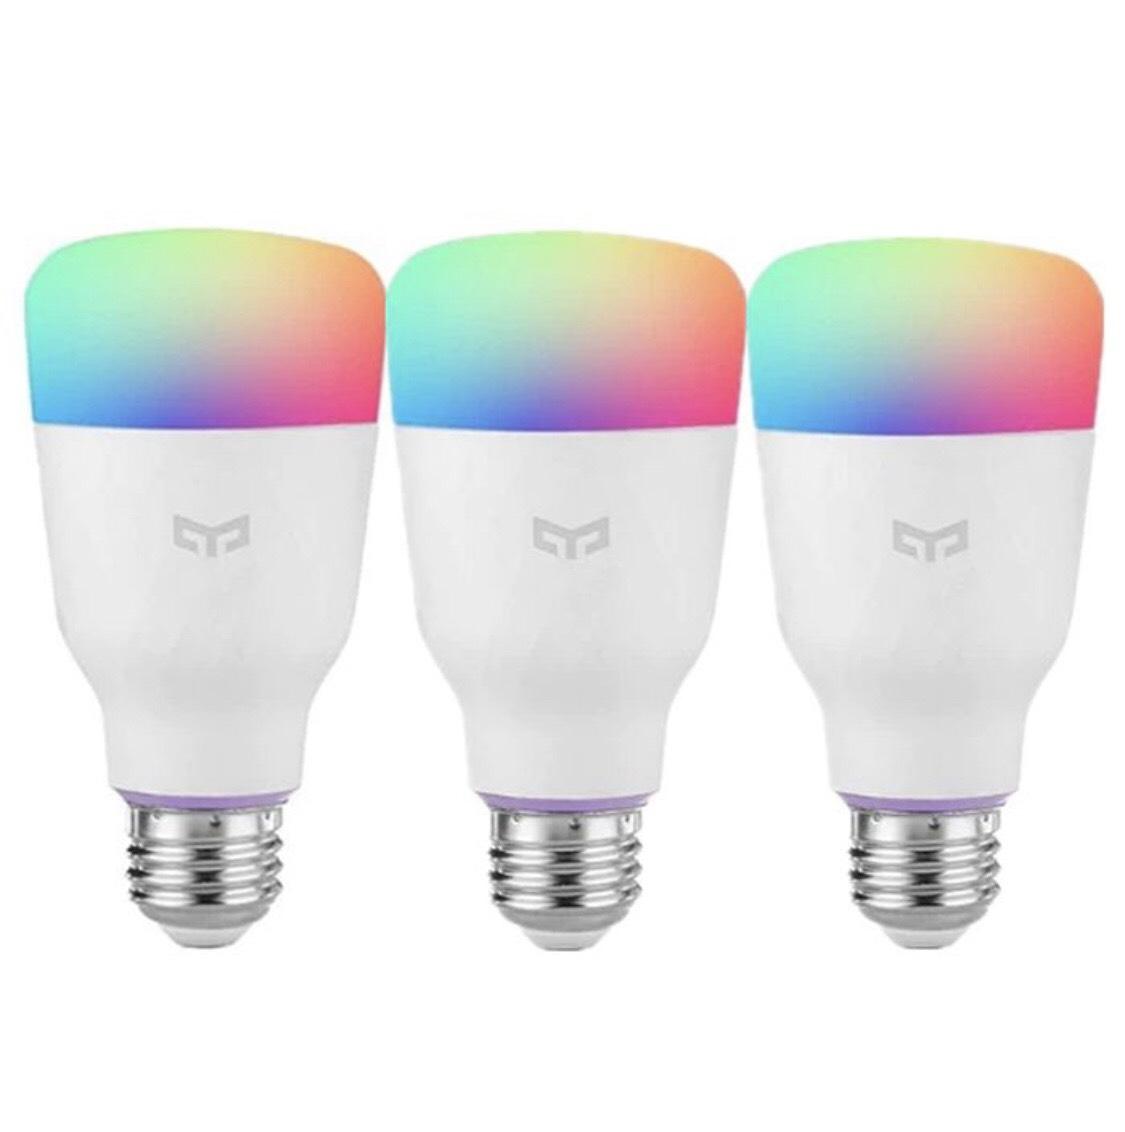 Lot de 3 ampoules Xiaomi Yeelight - E27, RGBW, 10 W (+ Jusqu'à 16,89€ en SuperPoints)